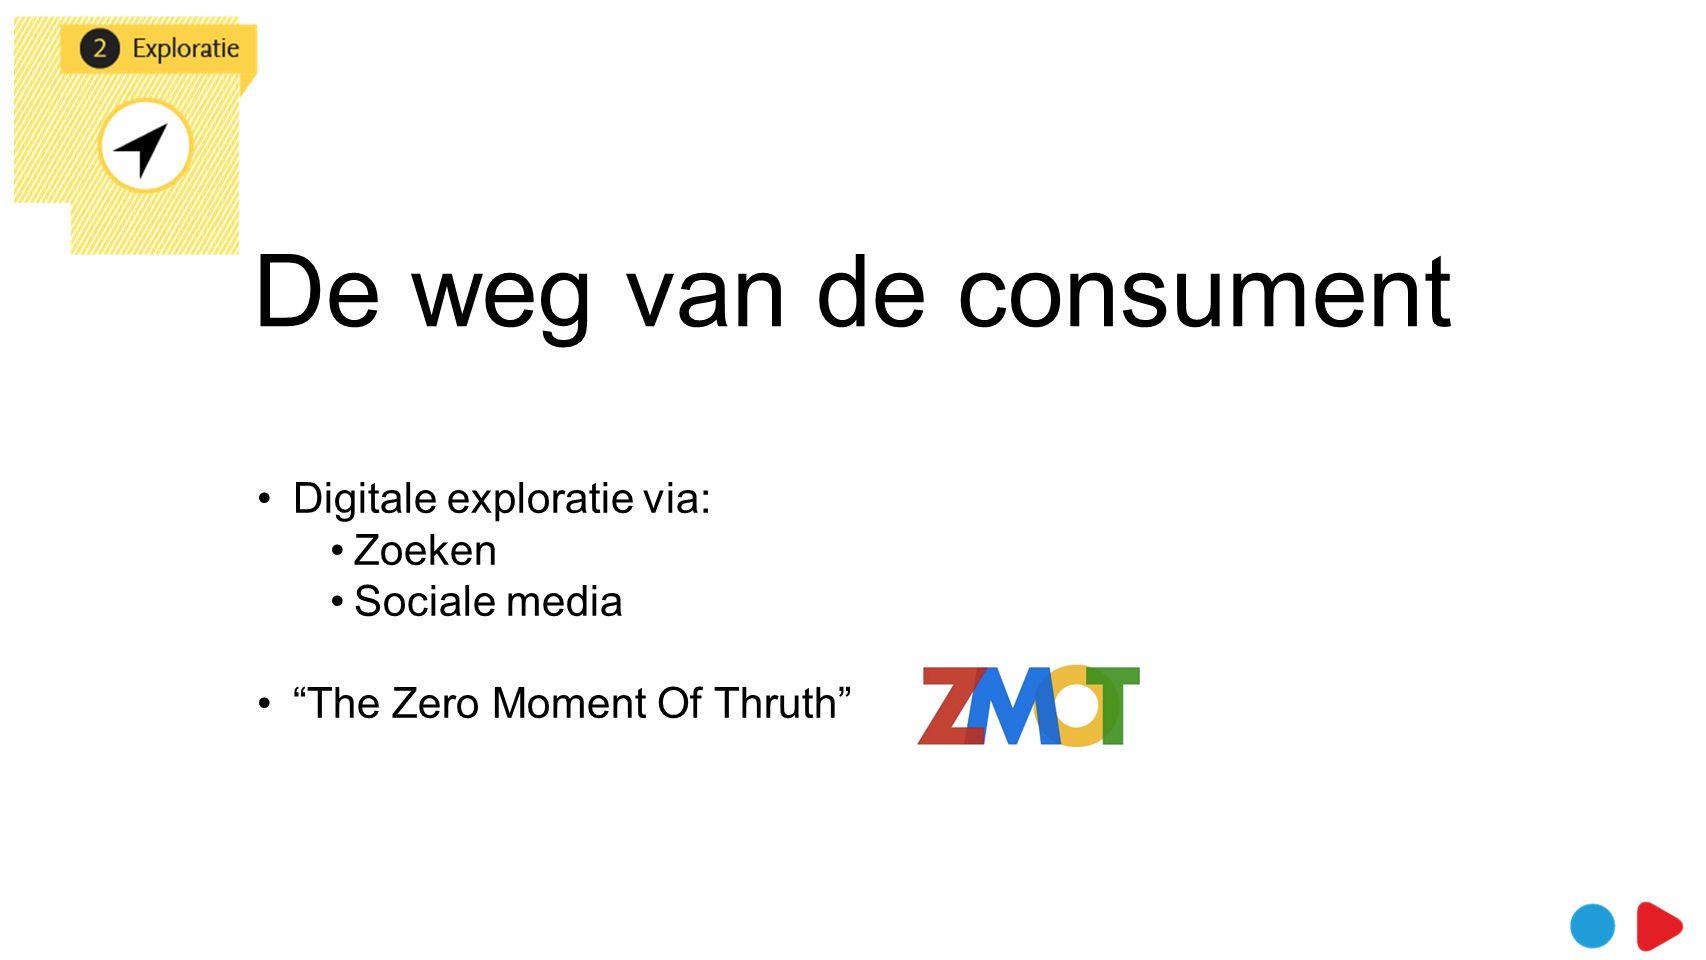 De weg van de consument Exploratie fase > zoekrobot versus mens > vindbaar, luisteren, search & social.